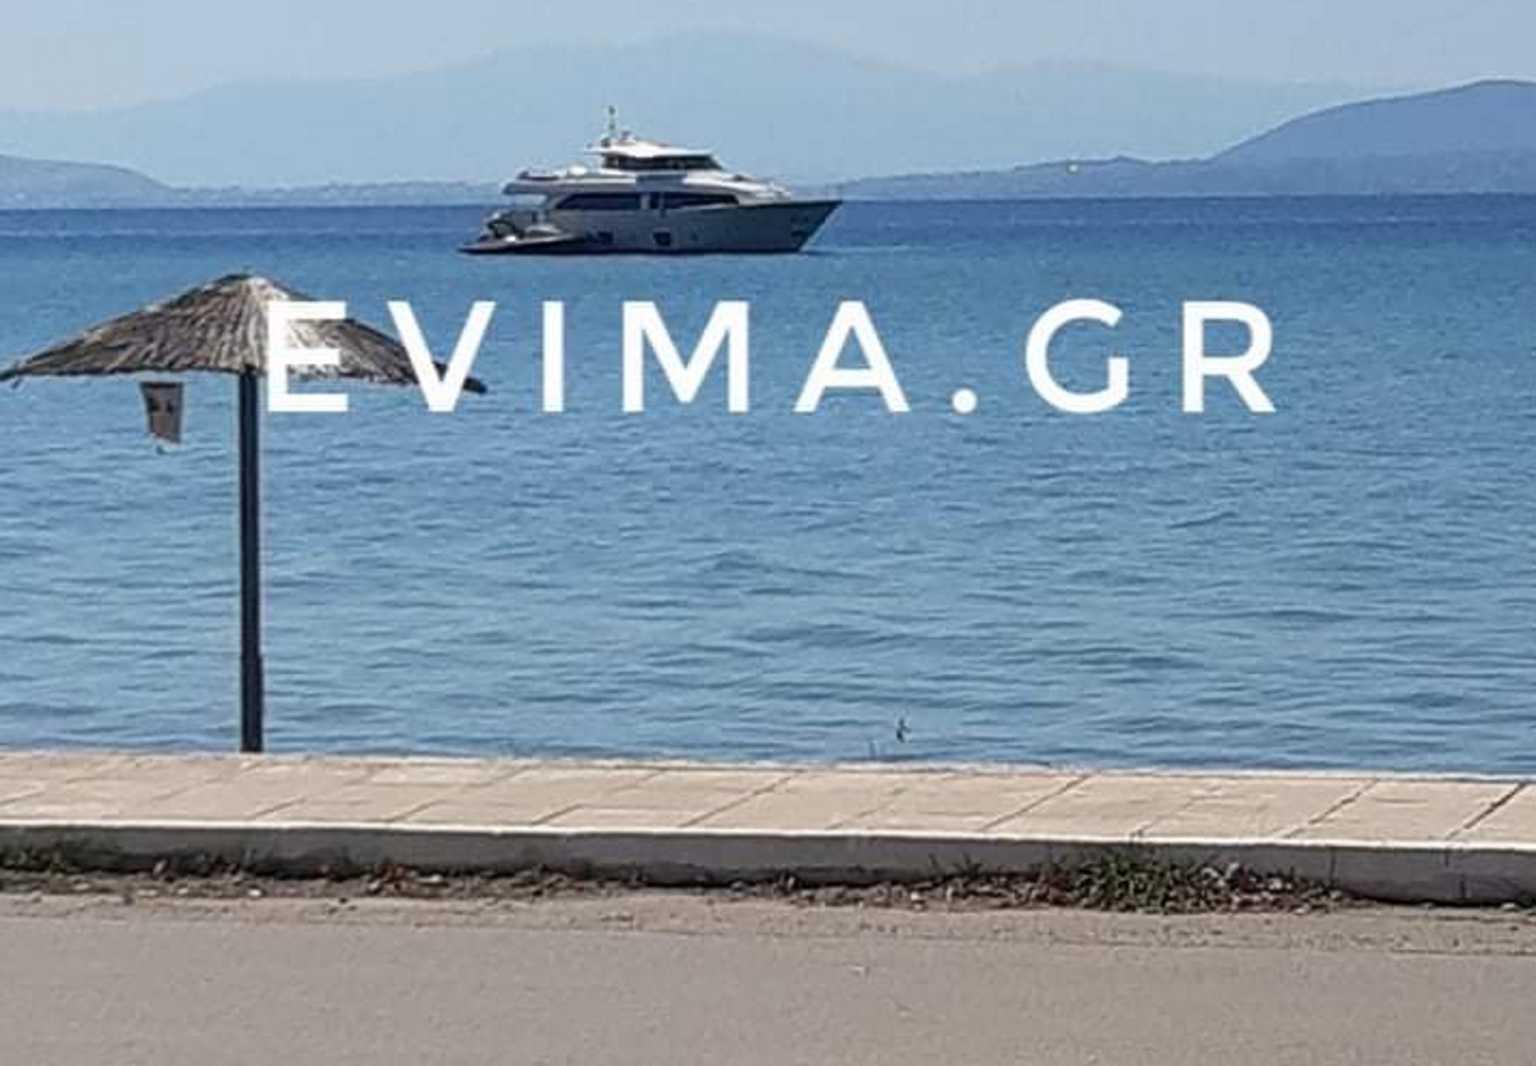 Εύβοια: Έτσι έφτασαν στην Ελλάδα ο ζάμπλουτος Τούρκος πρόεδρος της Γαλατασαράι και η Ελληνίδα γυναίκα του (Φωτό)